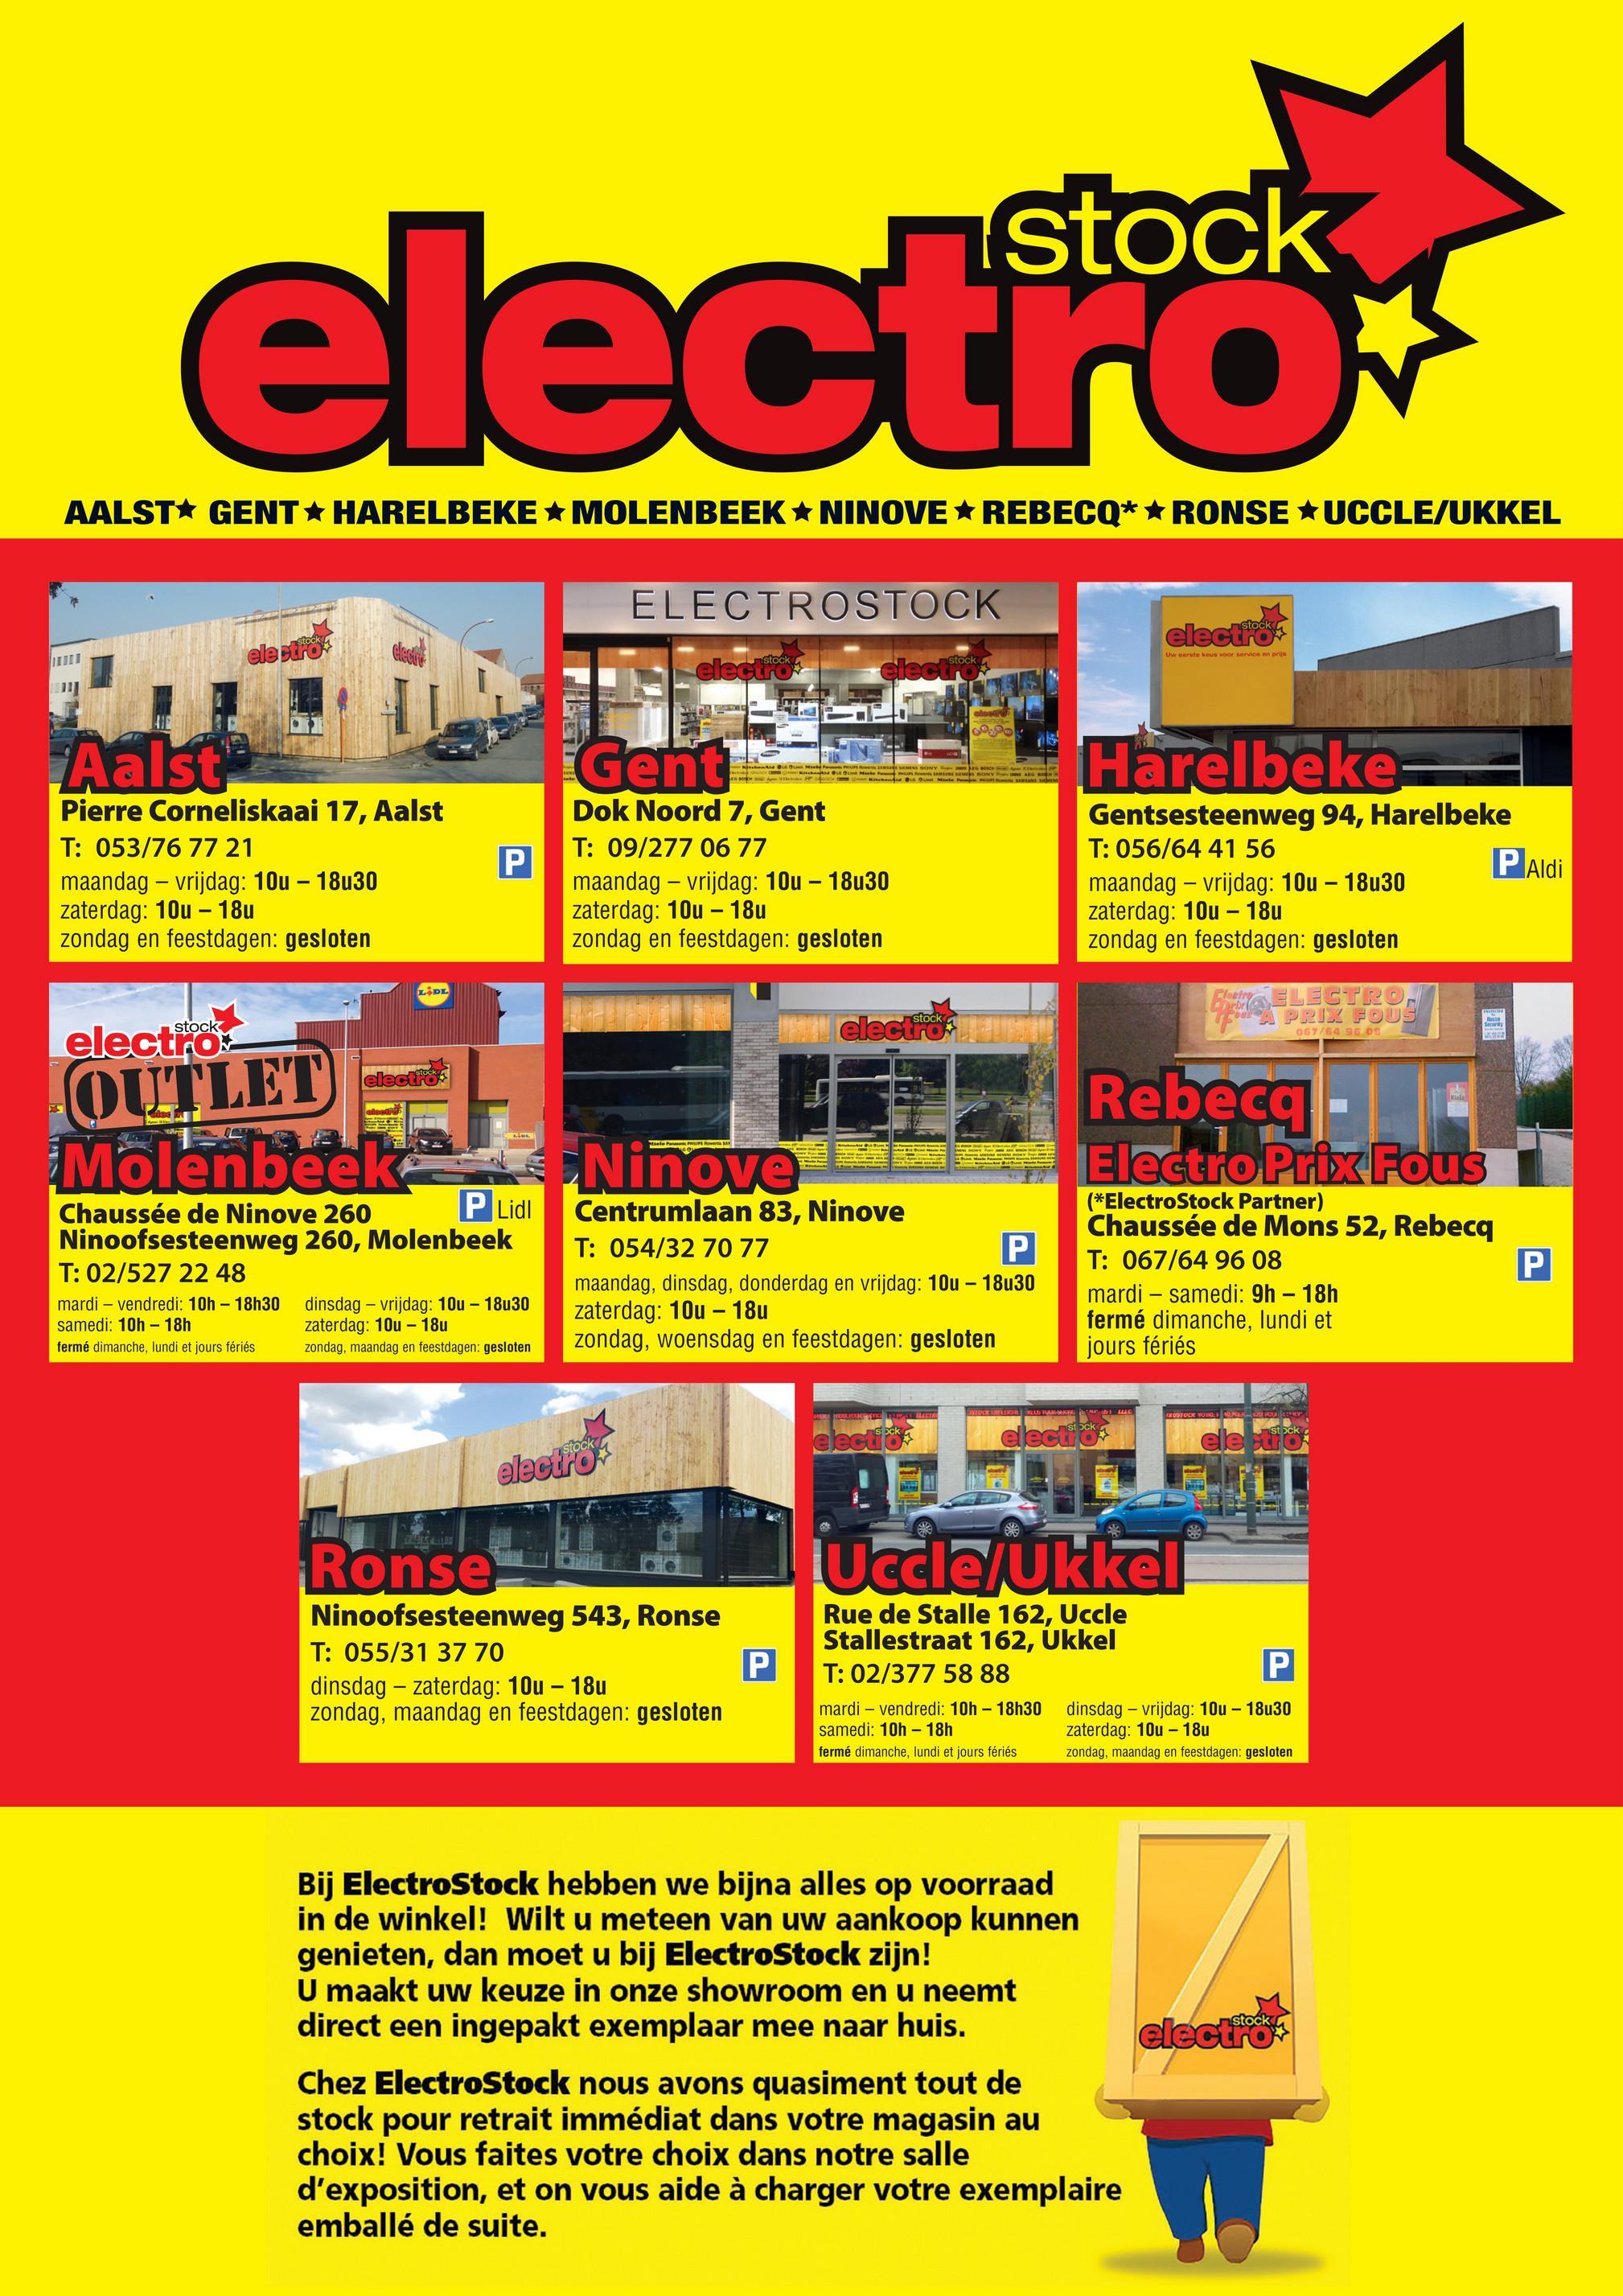 electro AALST* GENT+ HARELBEKE + MOLENBEEK NINOVE + REBECQ* *RONSE UCCLE/UKKEL ELECTROSTOCK elec stock stock electro Uw werste keus voor service en pris stock electrock e M E NS NONYMO Harelbeke Aalst Pierre Corneliskaai 17, Aalst T: 053/76 77 21 maandag - vrijdag: 10u - 18u30 zaterdag: 10u - 18u zondag en feestdagen: gesloten Gent Dok Noord 7, Gent T: 09/277 06 77 maandag - vrijdag: 10u - 18u30 zaterdag: 10u - 18u zondag en feestdagen: gesloten P Aldi Gentsesteenweg 94, Harelbeke T: 056/64 41 56 maandag - vrijdag: 10u - 18u30 zaterdag: 10u - 18u zondag en feestdagen: gesloten LDL ELECTRO- stock stock APRIL FOUS 067/64 96.05 electronics elecistock elecistock OUTLET OG Rebeca - Electro Prix Fous Miele P IPAR Molenbeek Chaussée de Ninove 260 P Lidl Ninoofsesteenweg 260, Molenbeek T: 02/527 22 48 mardi – vendredi: 10h - 18h30 dinsdag - vrijdag: 10u - 18u30 samedi: 10h - 18h zaterdag: 10u - 18u fermé dimanche, lundi et jours fériés zondag, maandag en feestdagen: gesloten LNnova Centrumlaan 83, Ninove T: 054/32 70 77 maandag, dinsdag, donderdag en vrijdag: 10u - 18u30 zaterdag: 10u - 18u zondag, woensdag en feestdagen: gesloten (*ElectroStock Partner) Chaussée de Mons 52, Rebecq T: 067/64 96 08 mardi - samedi: 9h - 18h fermé dimanche, lundi et jours fériés NEL LLICE FROSTOCK VURGUSON Sock dlecus poky C electro TELE Uccle/Ukkel Ronse Ninoofsesteenweg 543, Ronse T: 055/31 37 70 dinsdag - zaterdag: 10u - 18u zondag, maandag en feestdagen: gesloten P P Rue de Stalle 162, Uccle Stallestraat 162, Ukkel T: 02/377 58 88 mardi – vendredi: 10h - 18h30 dinsdag - vrijdag: 10u - 18u30 samedi: 10h - 18h zaterdag: 10u - 18u fermé dimanche, lundi et jours fériés zondag, maandag en feestdagen: gesloten Bij ElectroStock hebben we bijna alles op voorraad in de winkel! Wilt u meteen van uw aankoop kunnen genieten, dan moet u bij ElectroStock zijn! U maakt uw keuze in onze showroom en u neemt direct een ingepakt exemplaar mee naar huis. electron Chez ElectroStock nous avons quasiment tout de